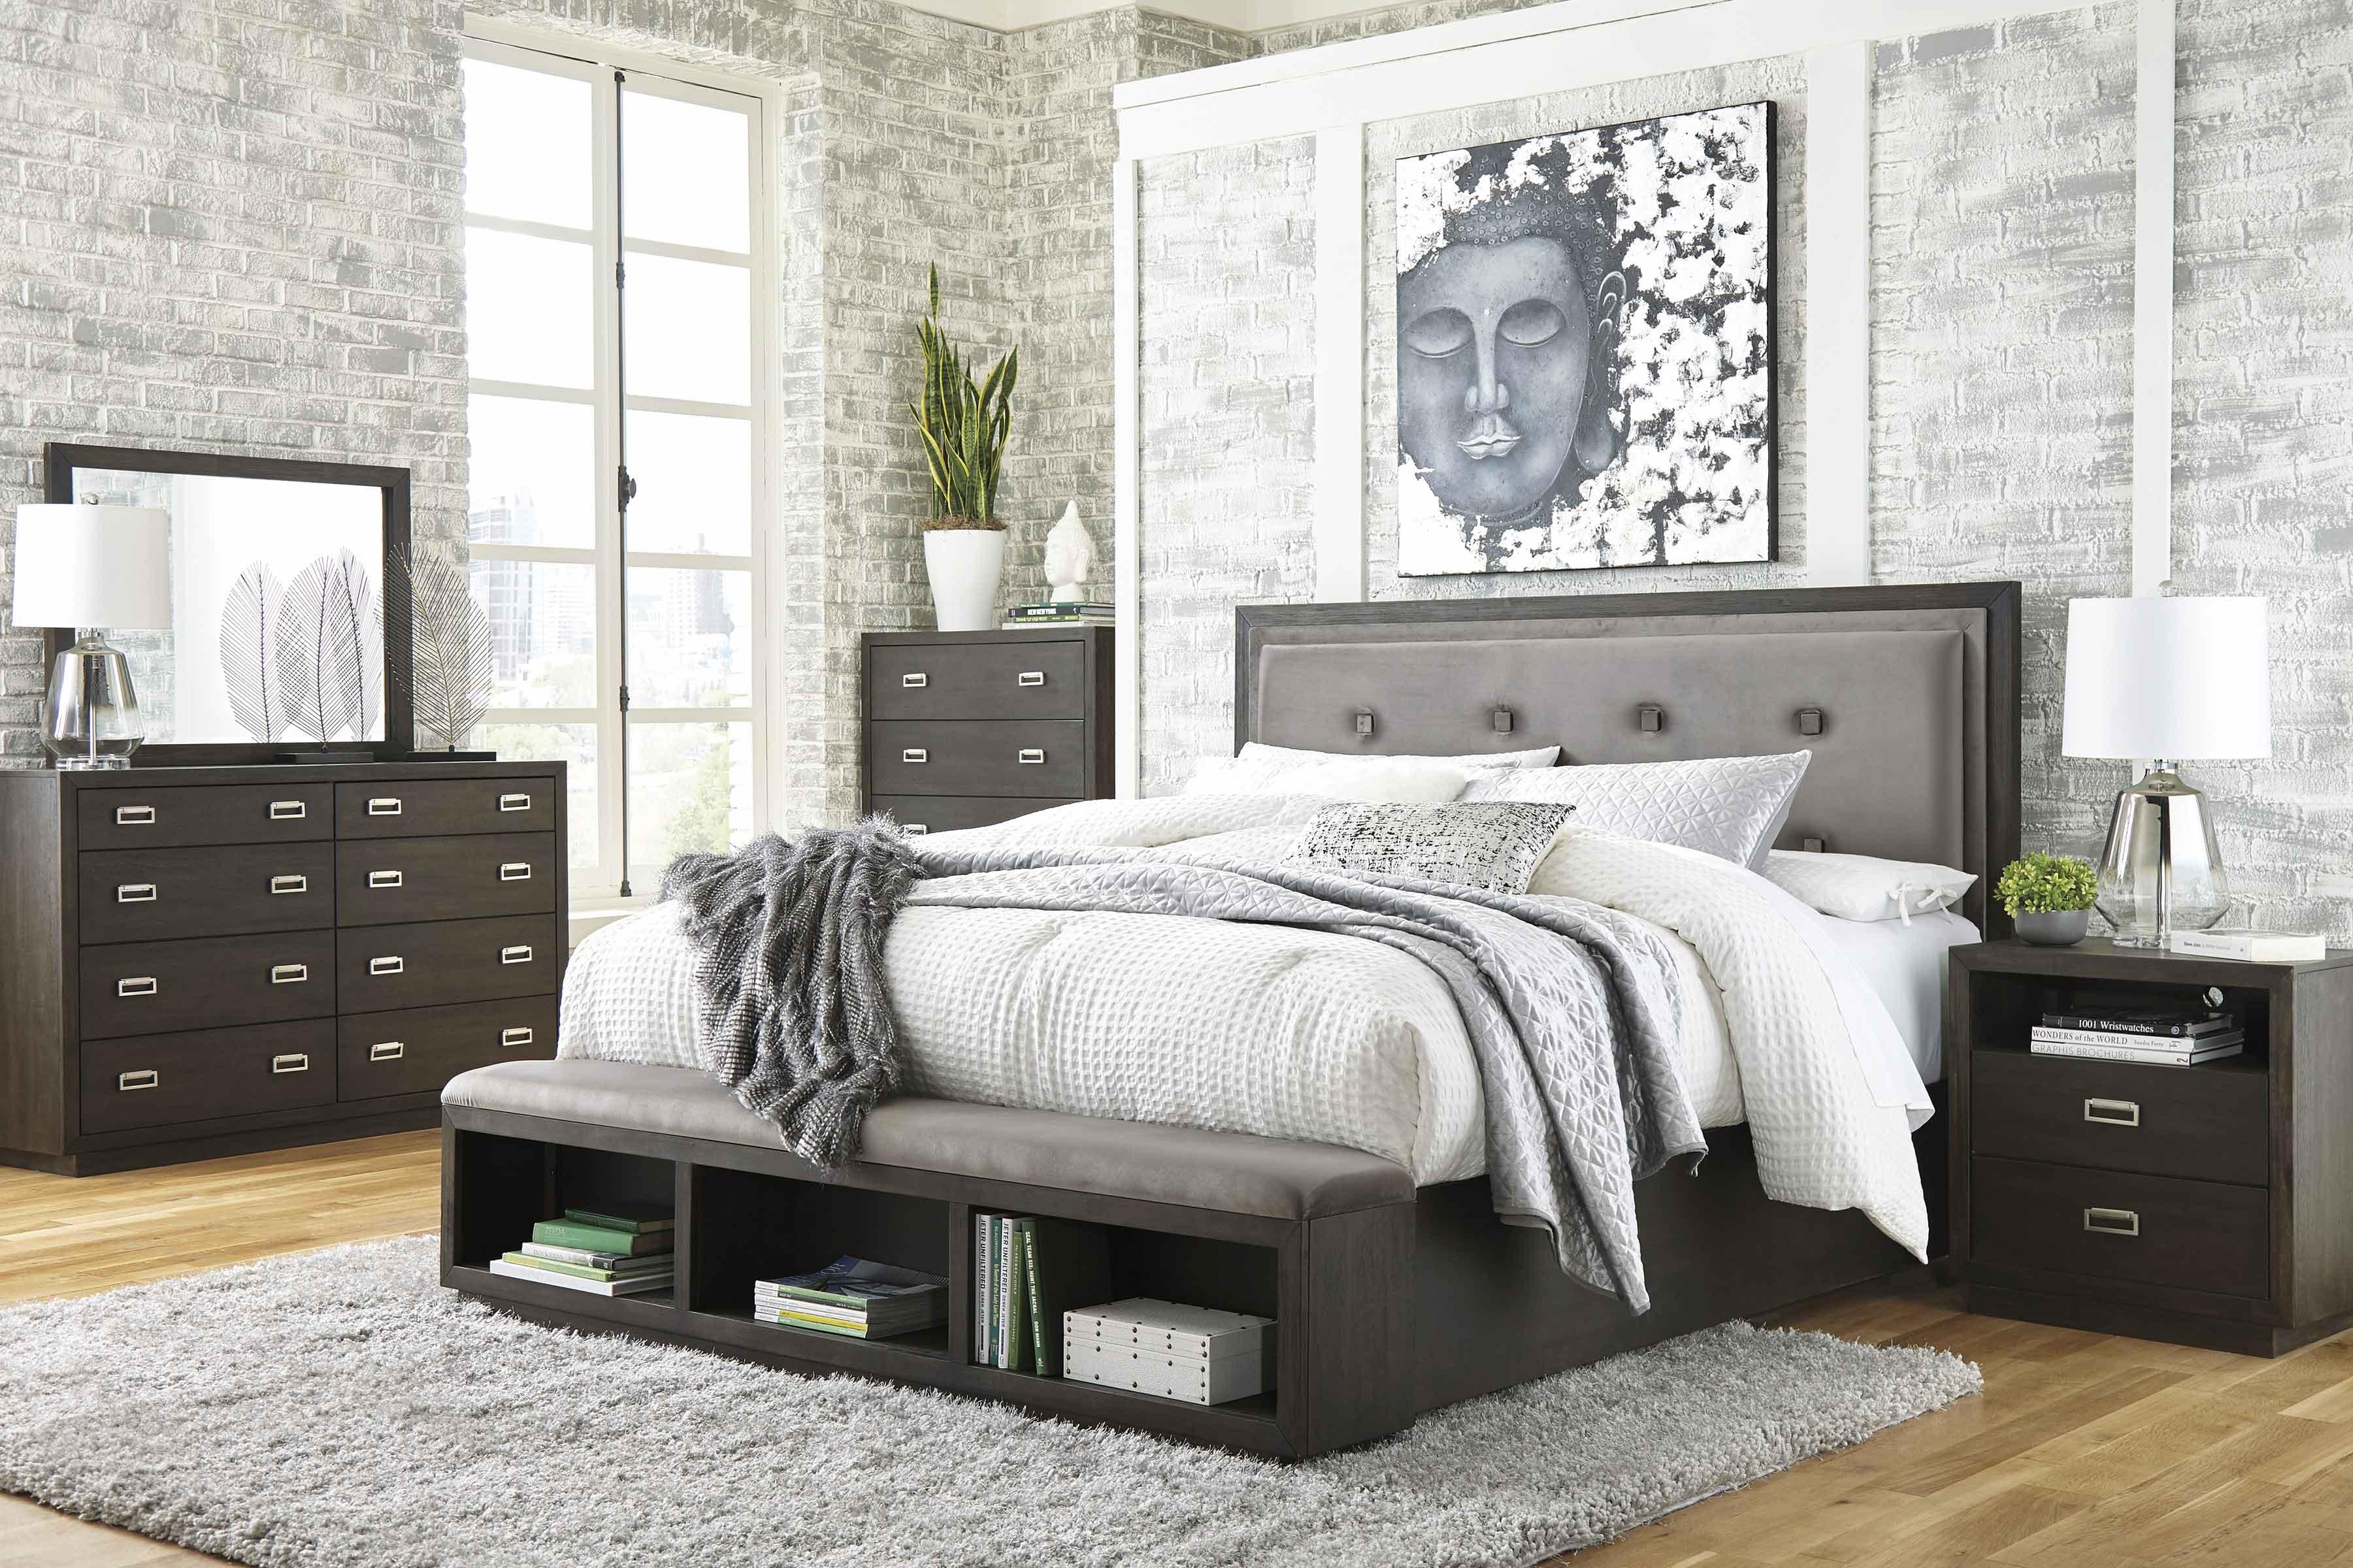 Shop Ashley Furniture Hyndell Upholstered Panel Bedroom Set In Dark Brown B731 Panel Set